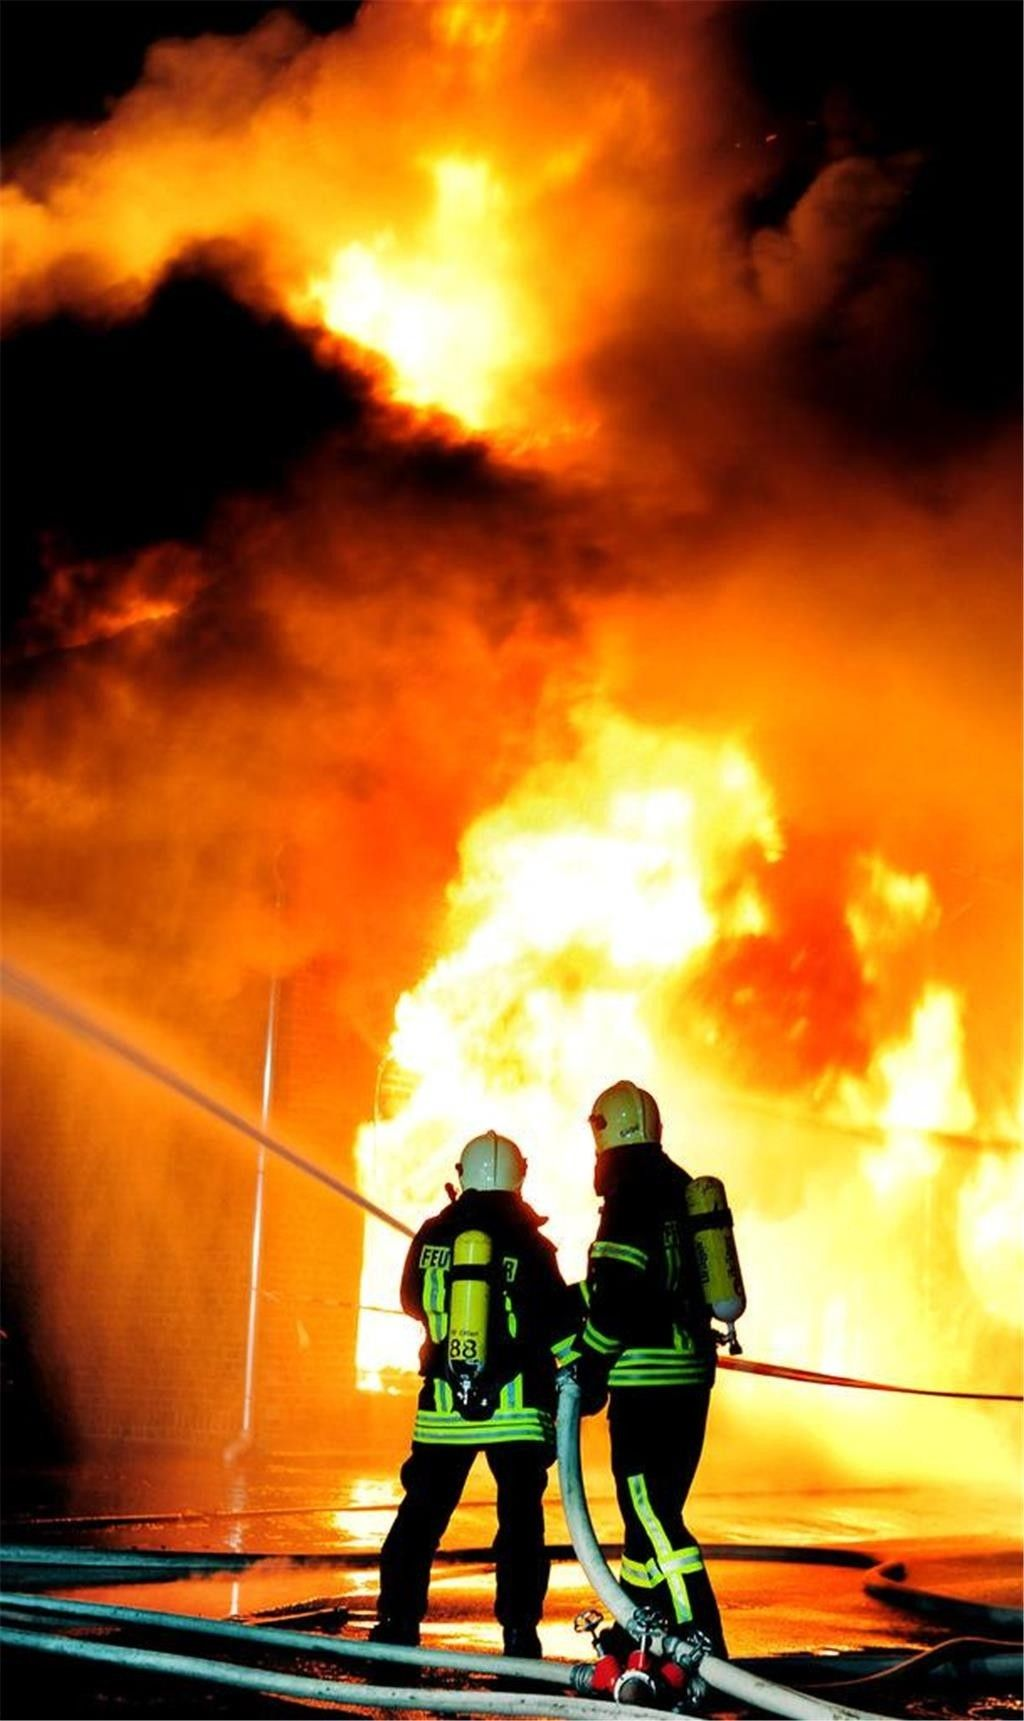 Feuerwehr Feuer 112 Bomberos Einsatz Blaulicht Firefighter Firefighters Firedepartment Feuerwehrmann Pompi Feuerwehr Feuerwehr Notruf Feuerwehrmann